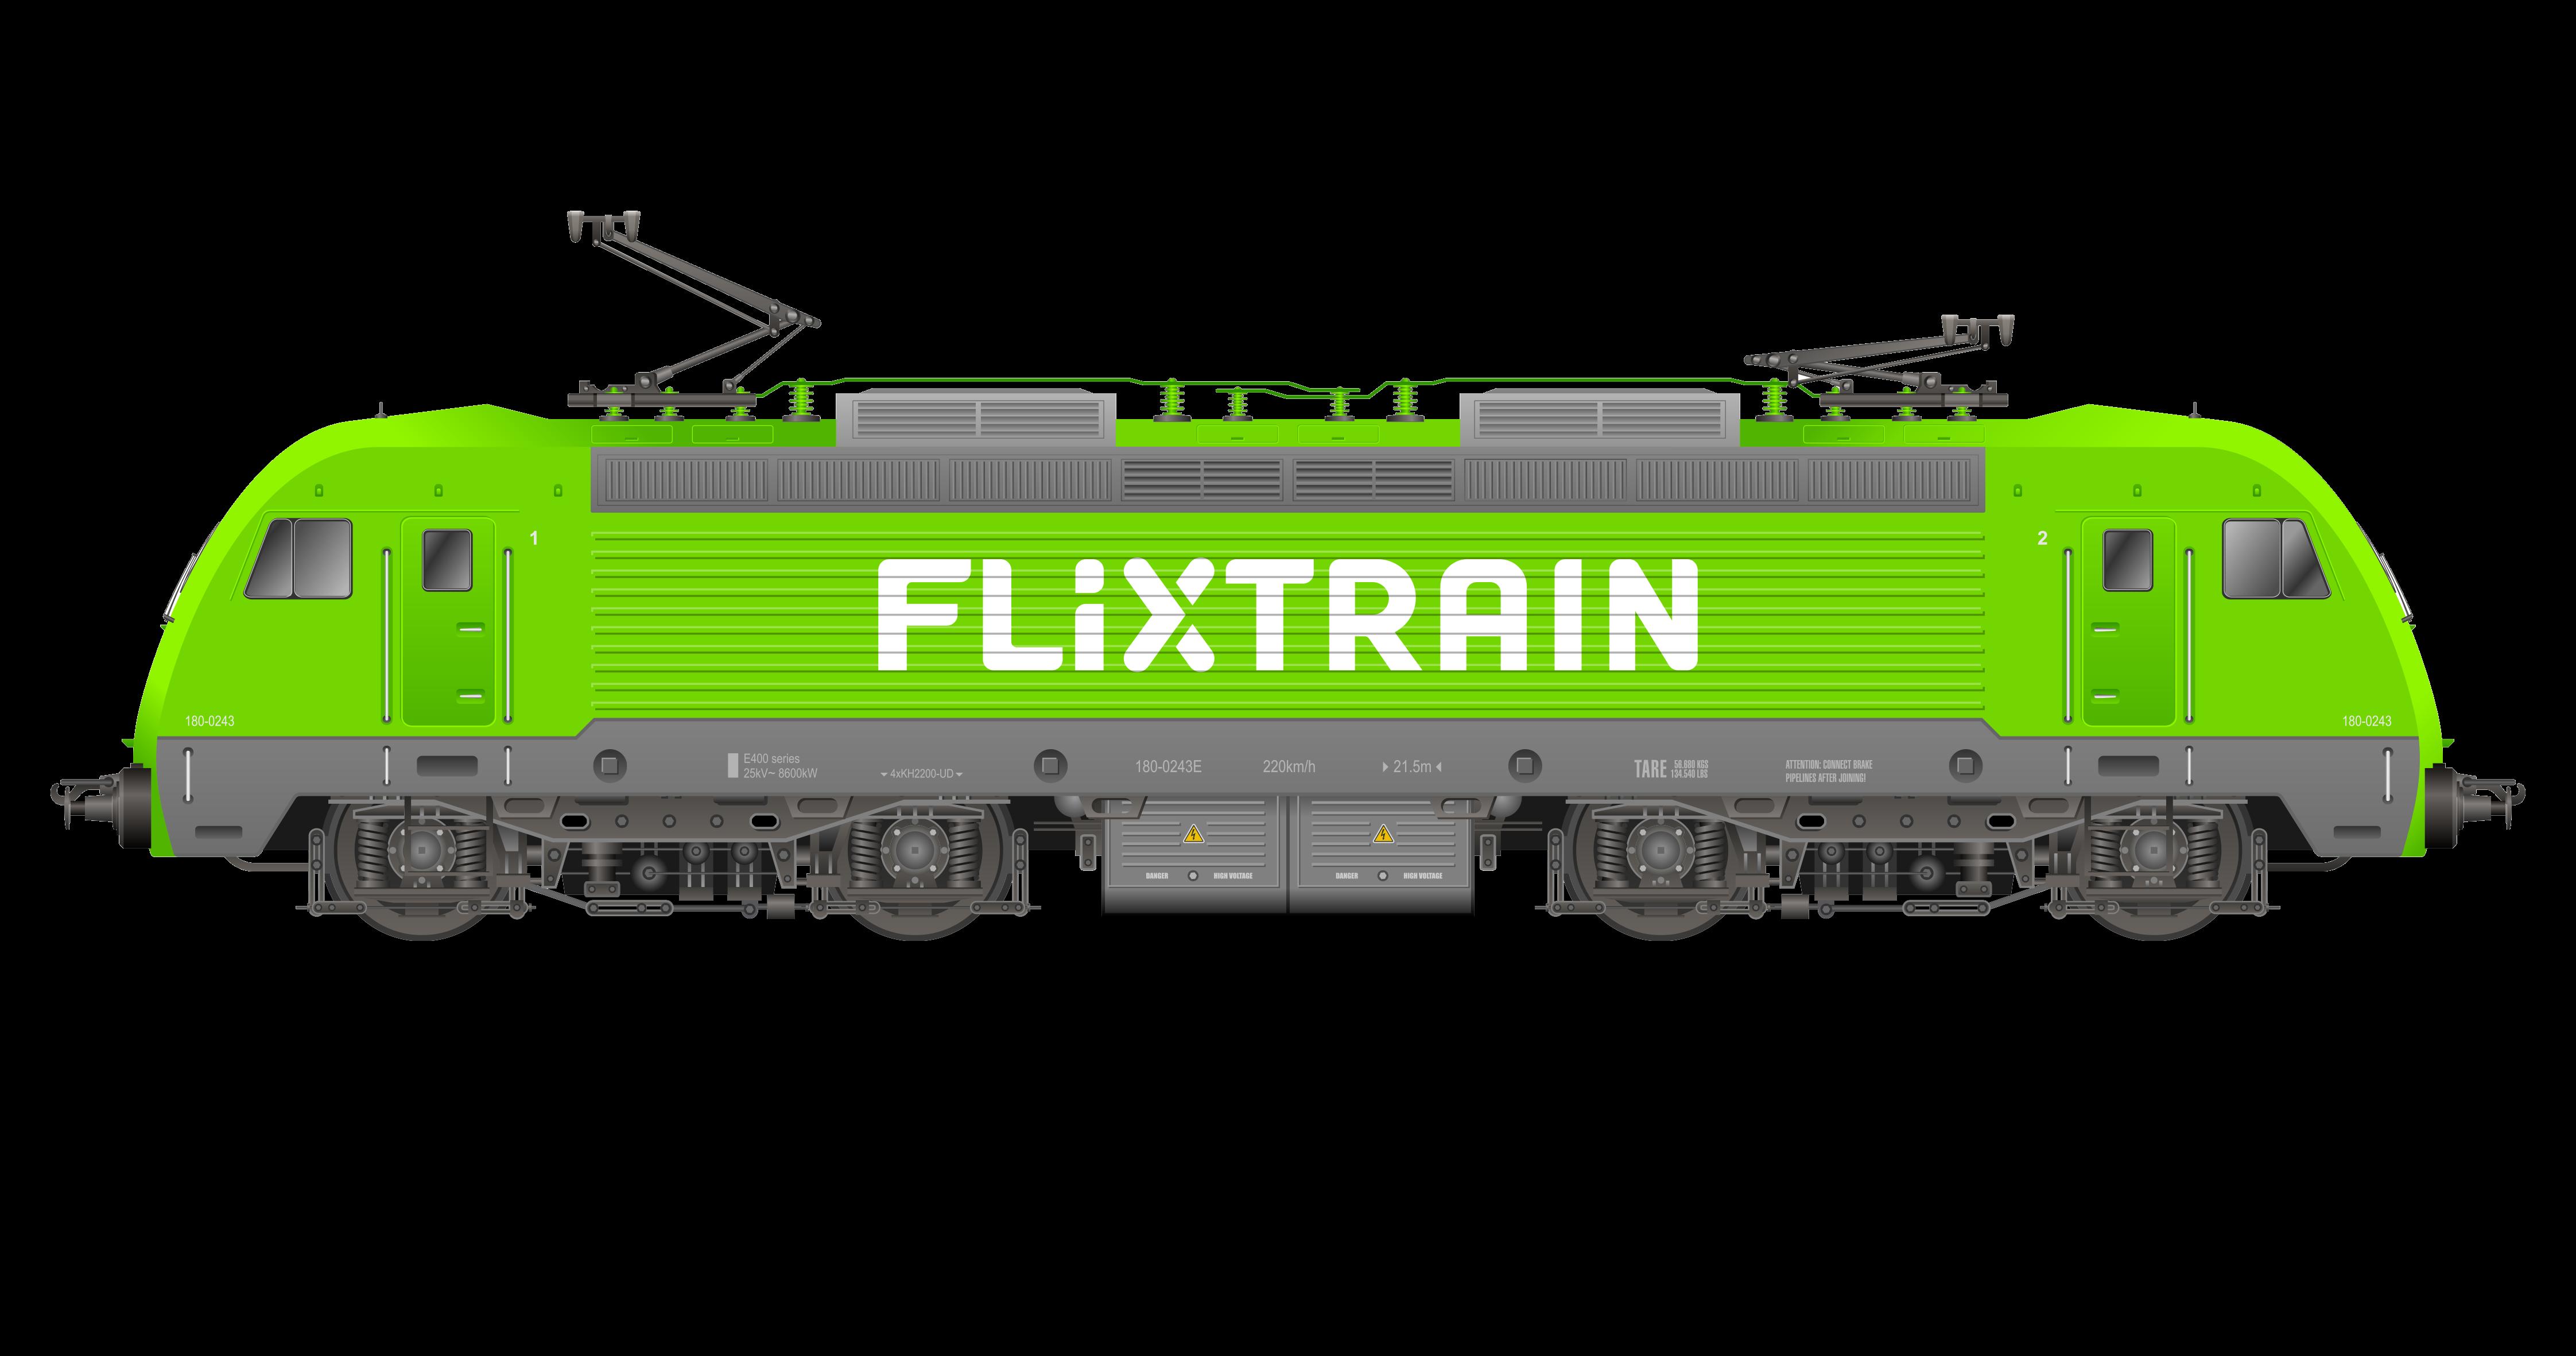 9999 Tickets für 9,99€! Mit dem FlixTrain quer durchs Land!